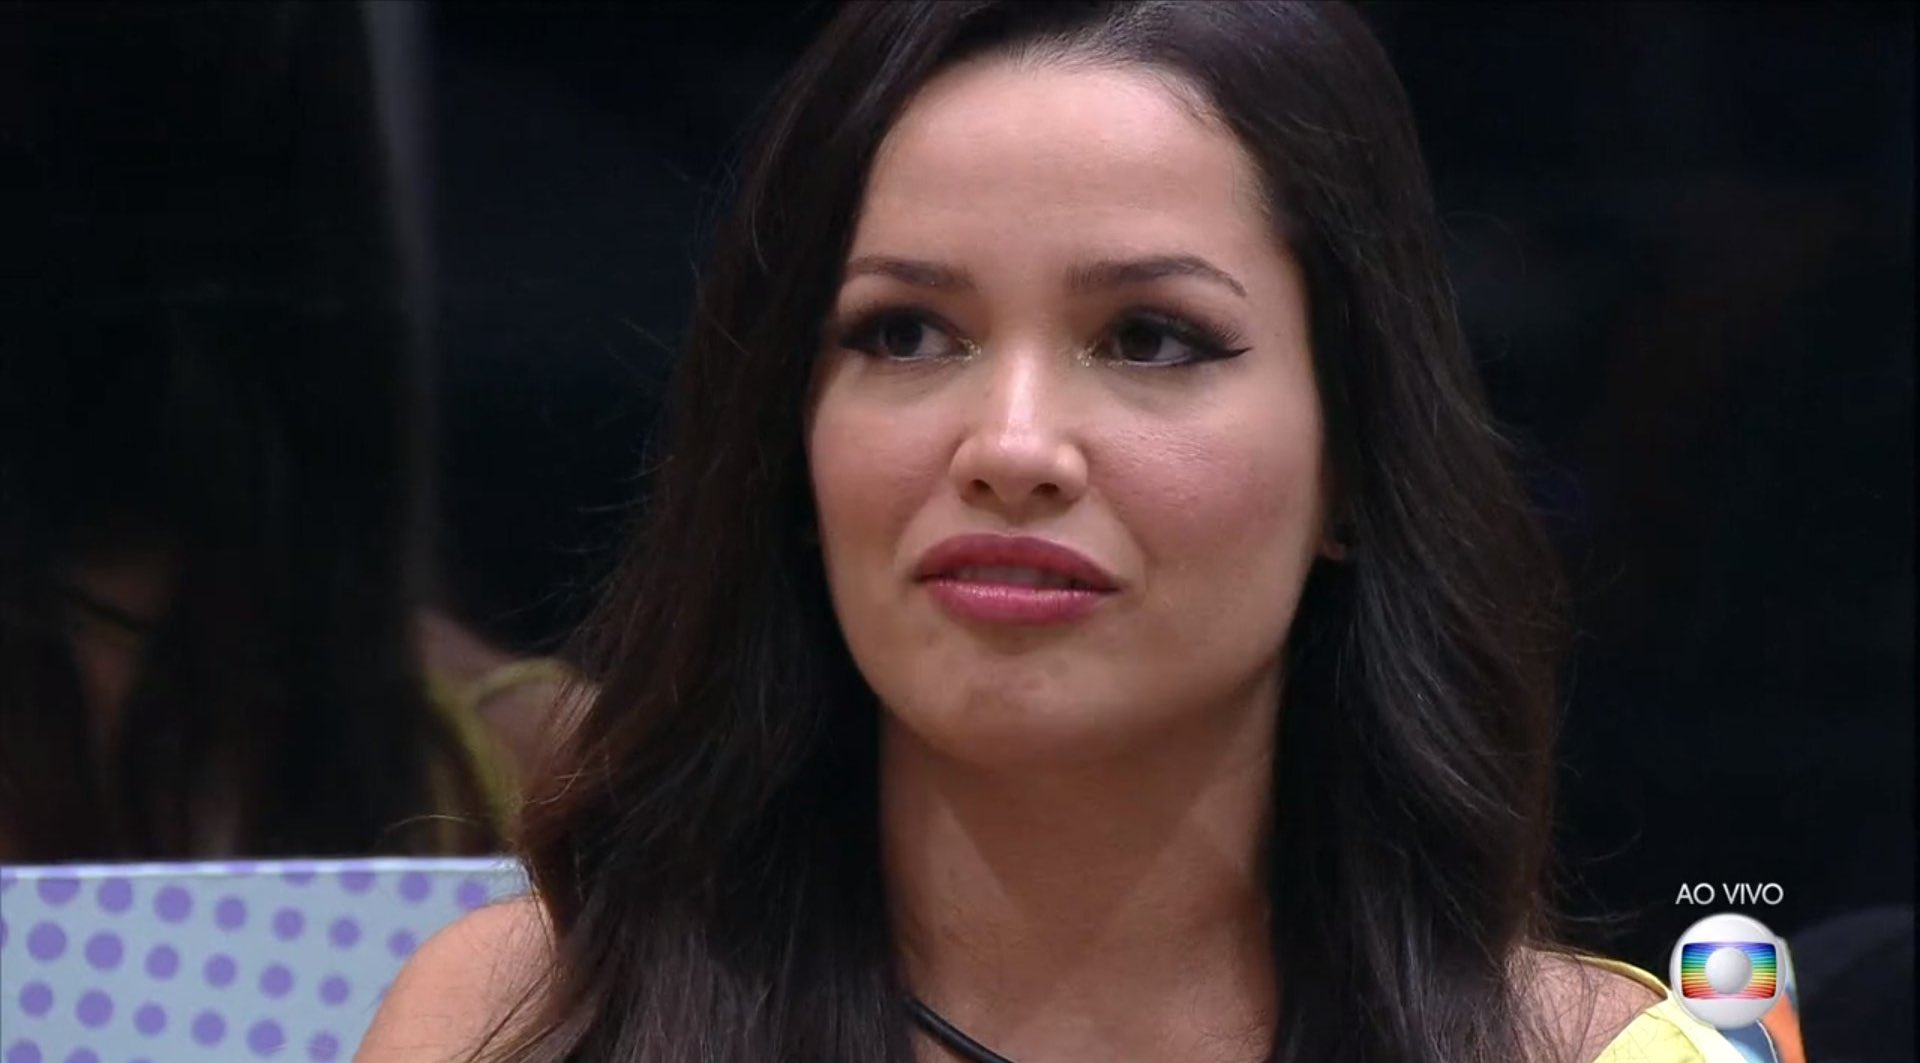 Juliette denuncia censura no Big Brother: 'Não era fácil'